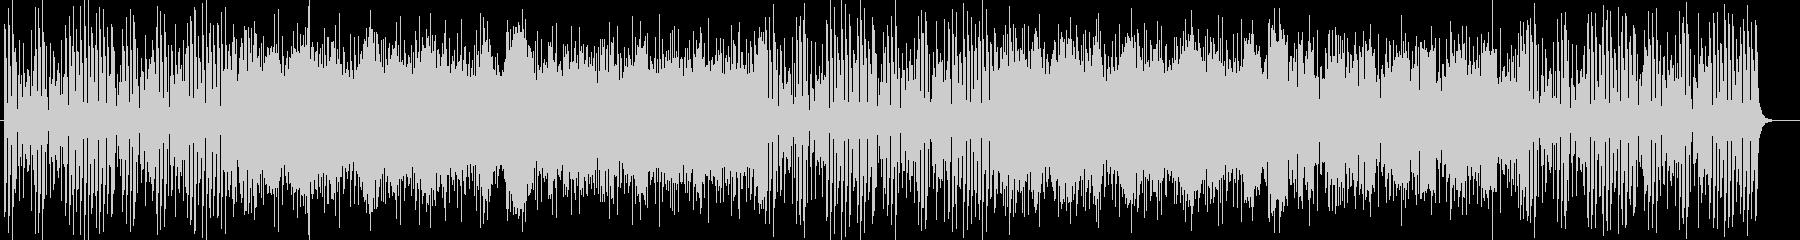 ドキドキと疾走感シンセサイザーサウンドの未再生の波形